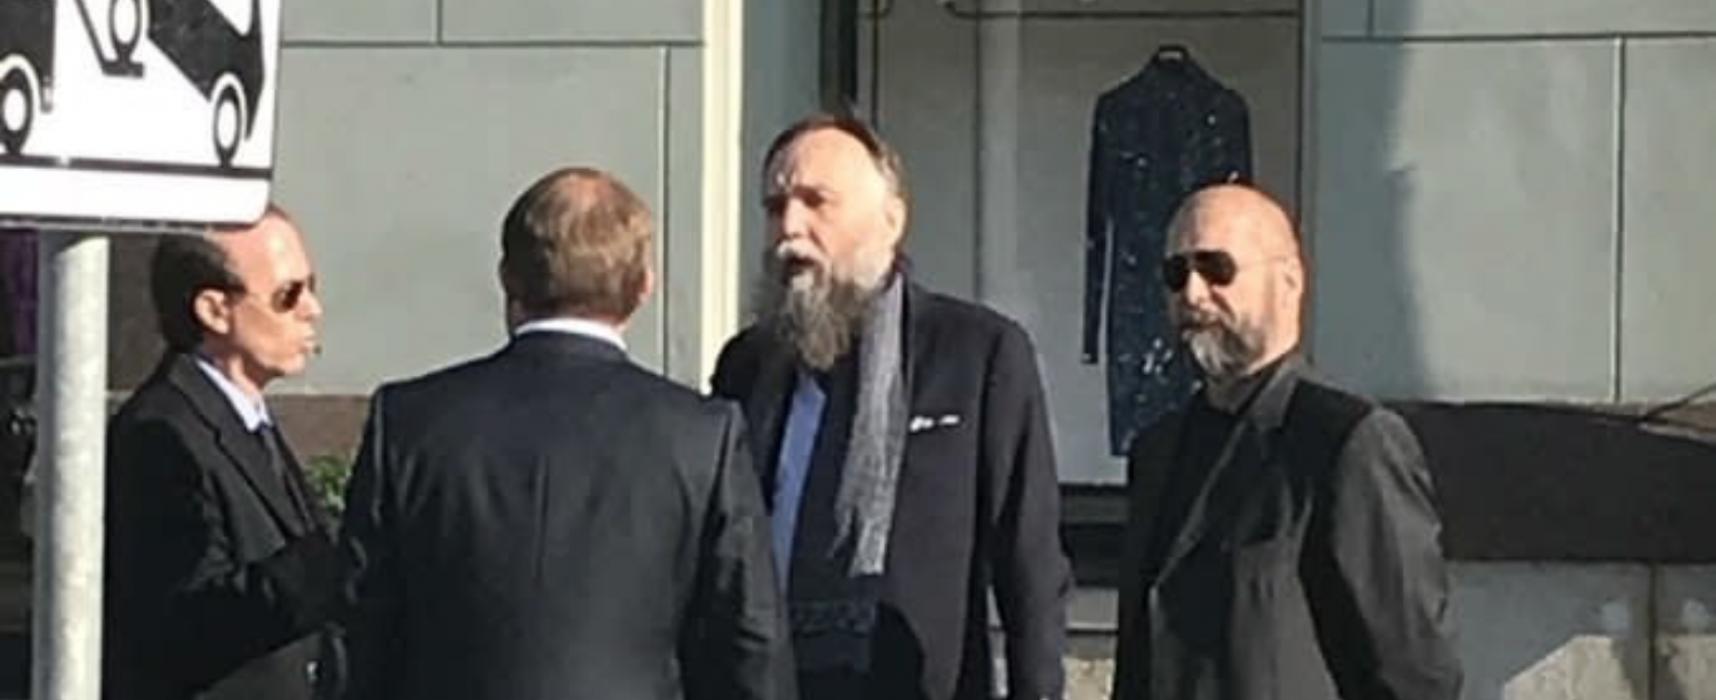 Identificati gli uomini russi presenti al Metropol con Savoini